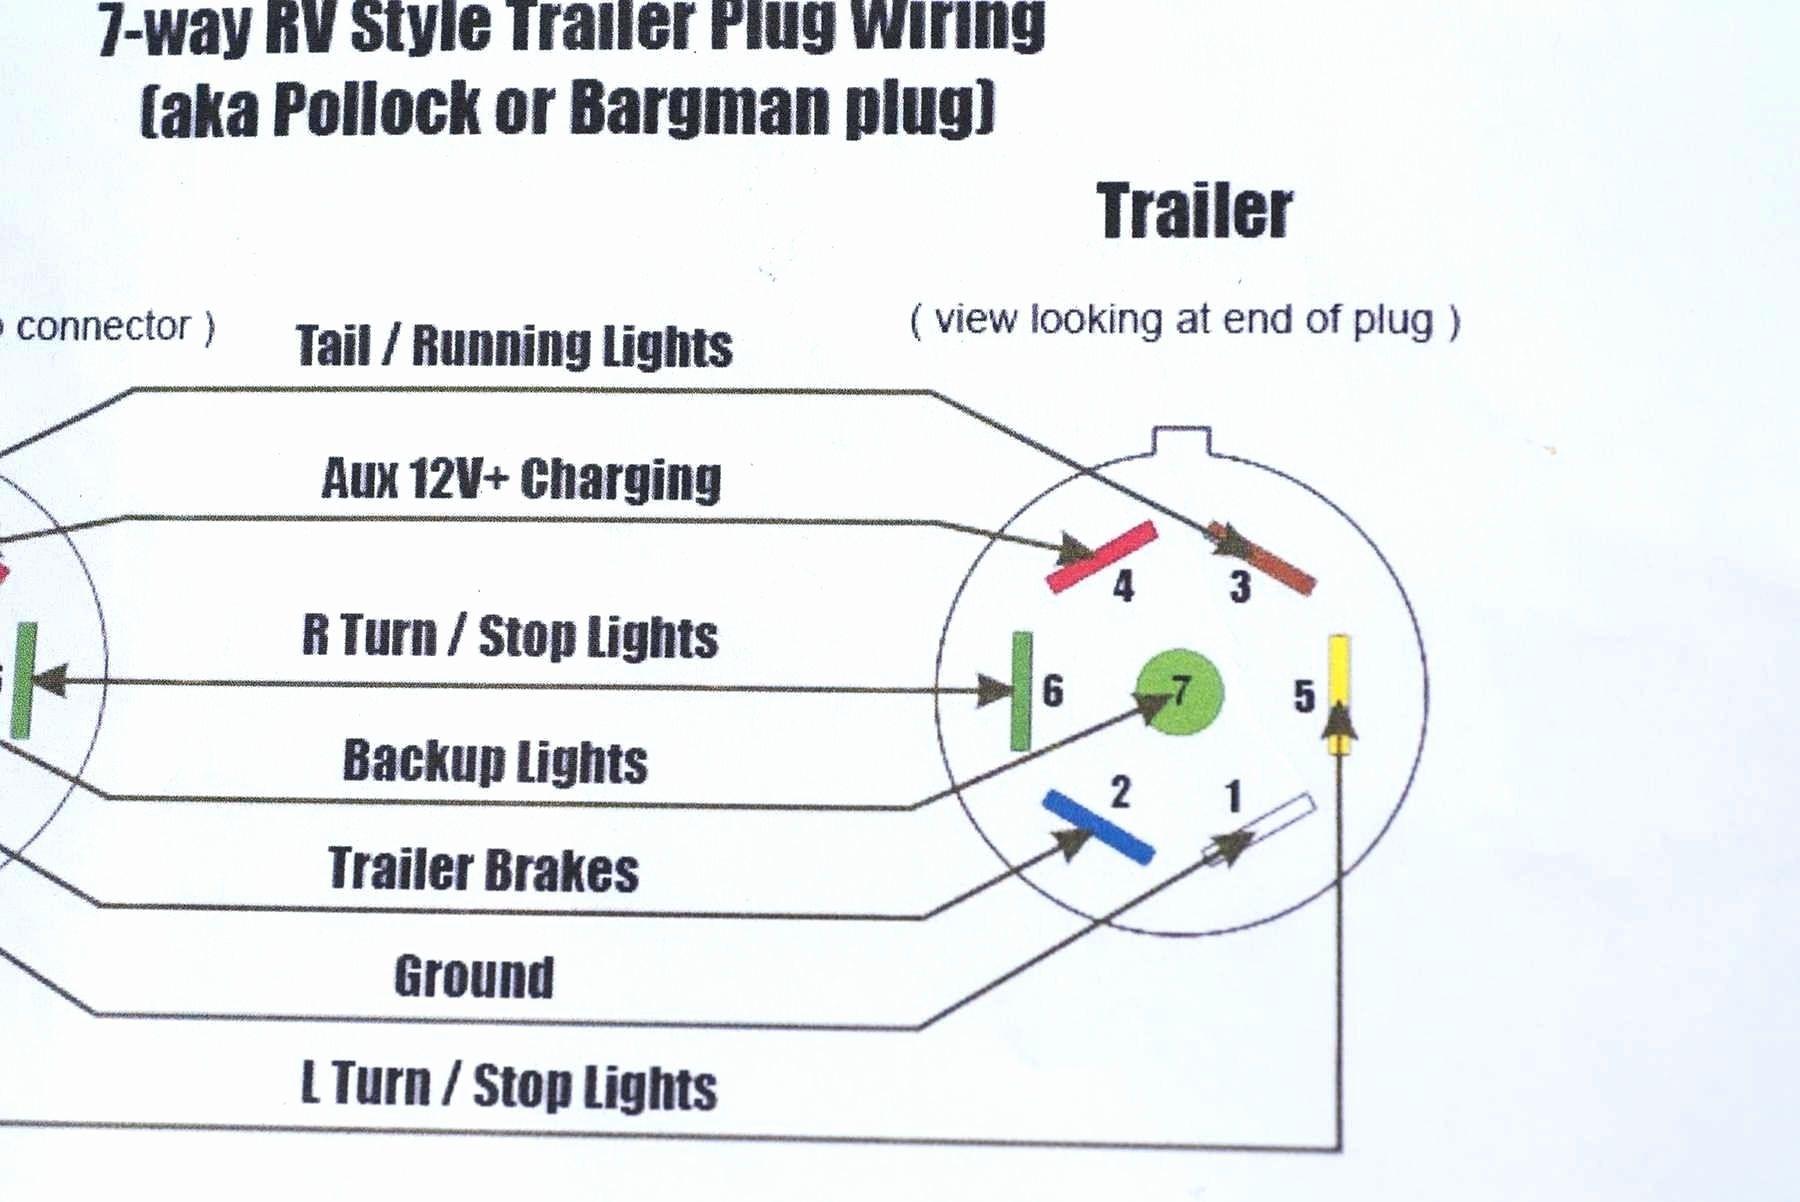 2005 Silverado 2500Hd Trailer Wiring Diagram - All Wiring Diagram - 2003 Chevy Silverado Trailer Wiring Diagram